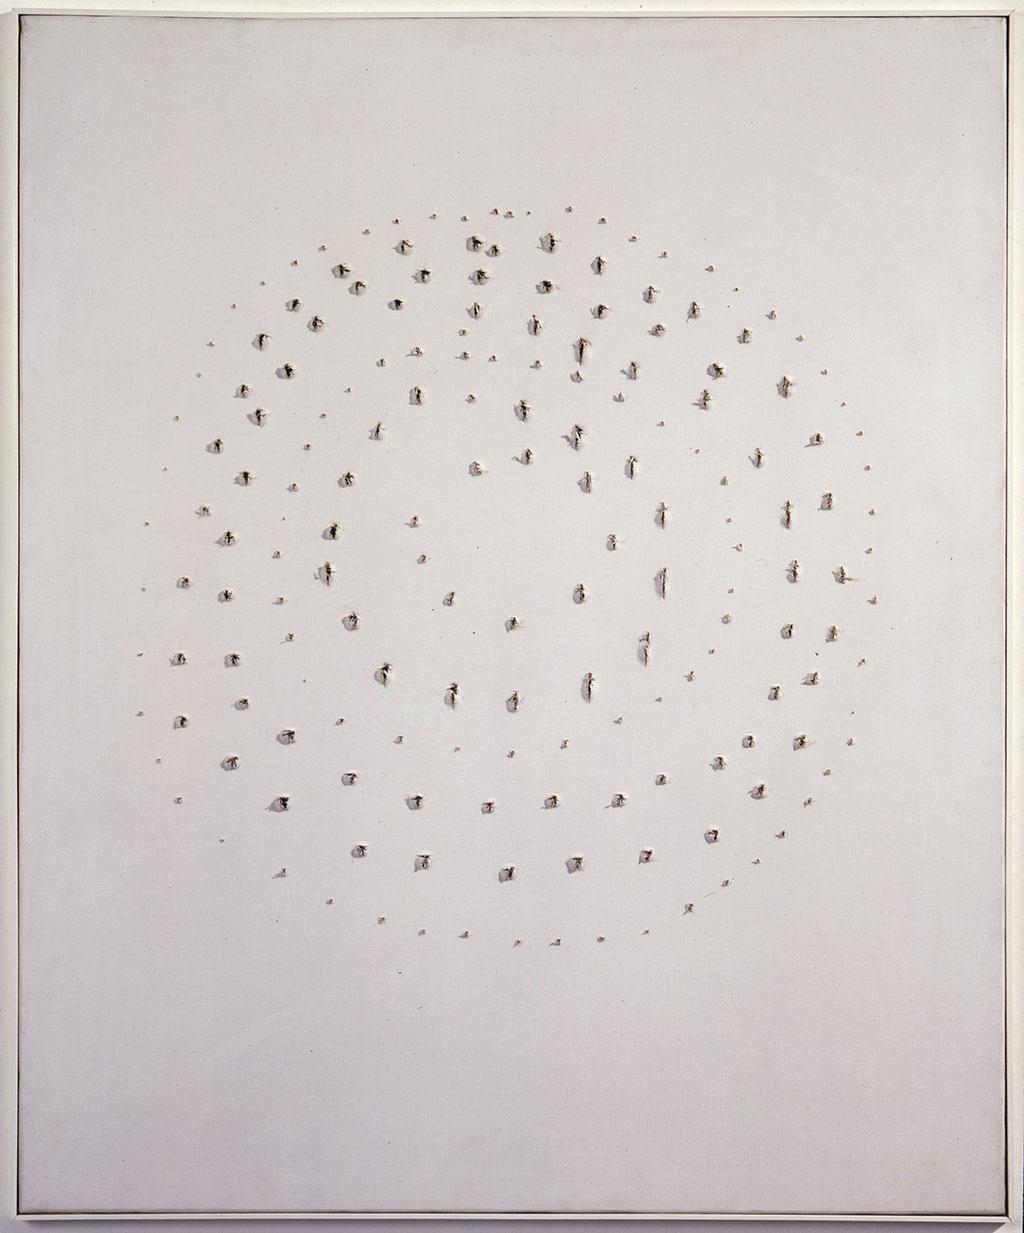 Lucio Fontana (1899 – 1968) Uzamsal Kavram, 1960 Perfore tuval üzerine yağlıboya ve suluboya 85 x 70 cm Rira Koleksiyonu